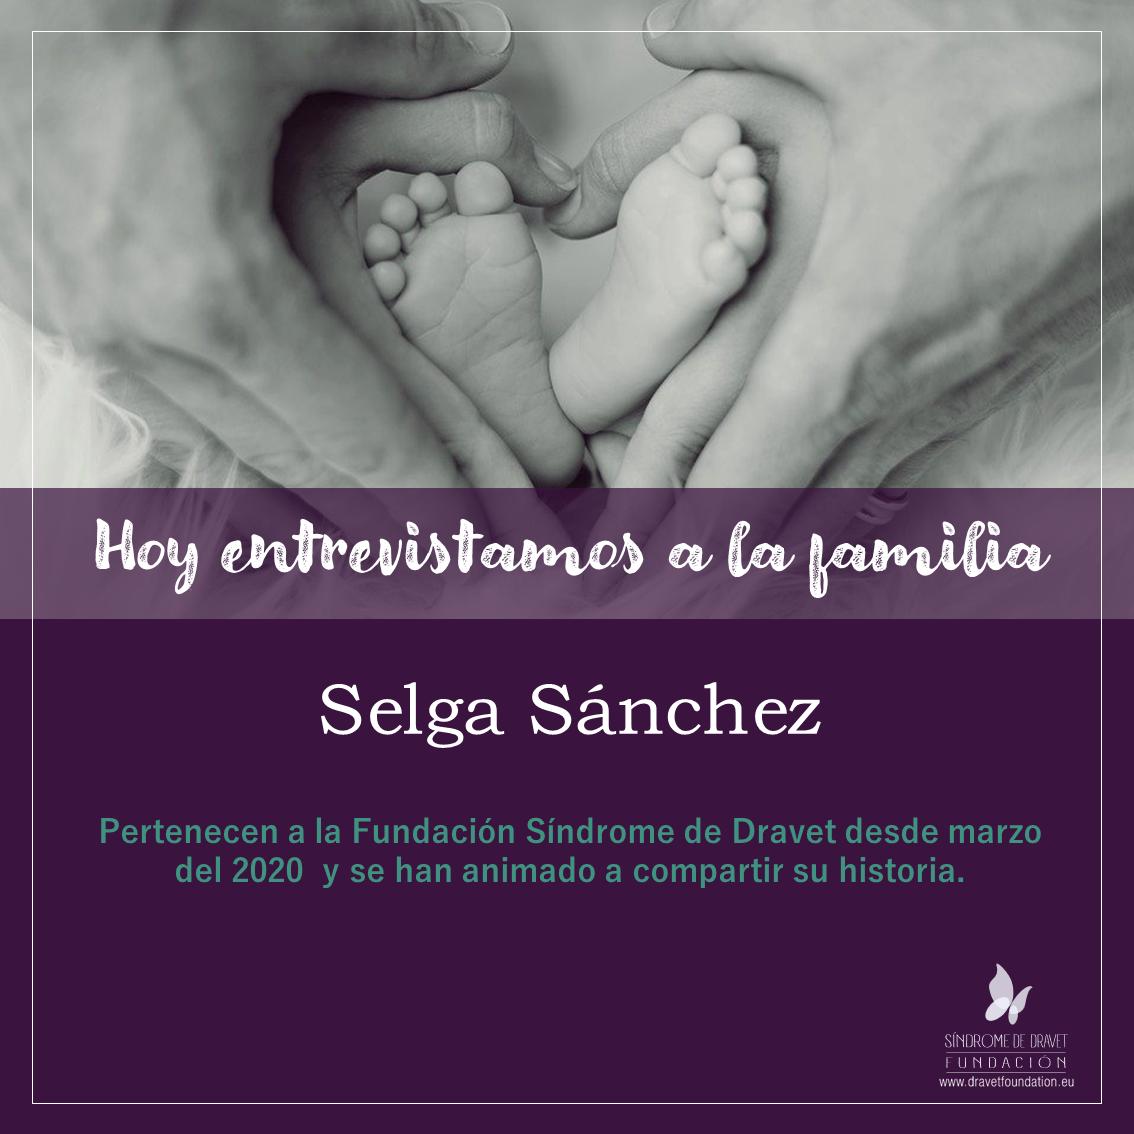 Entrevistamos a la familia Selga Sánchez